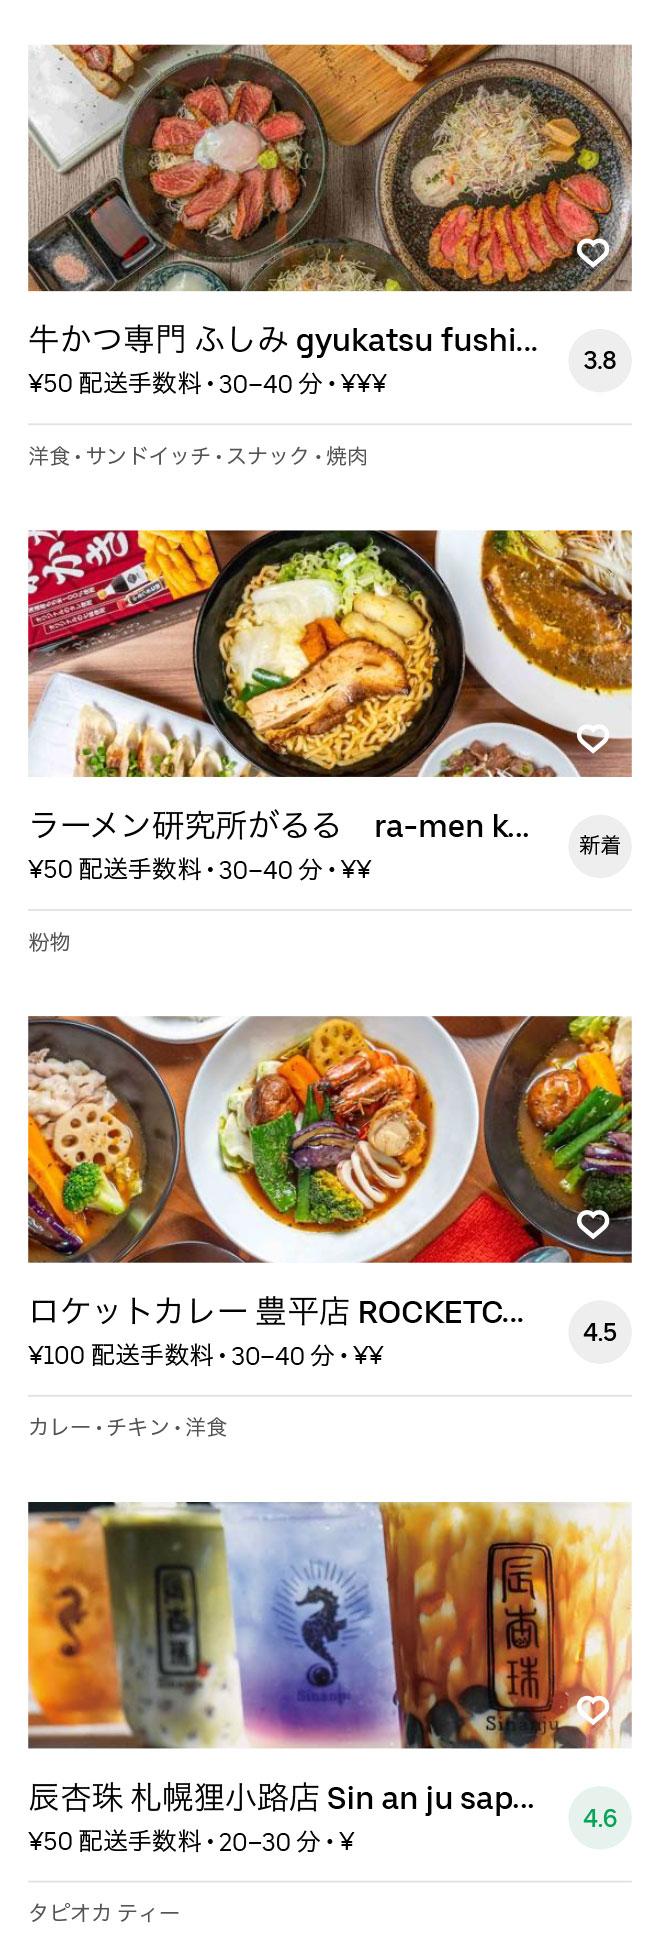 Susukino menu 2008 10